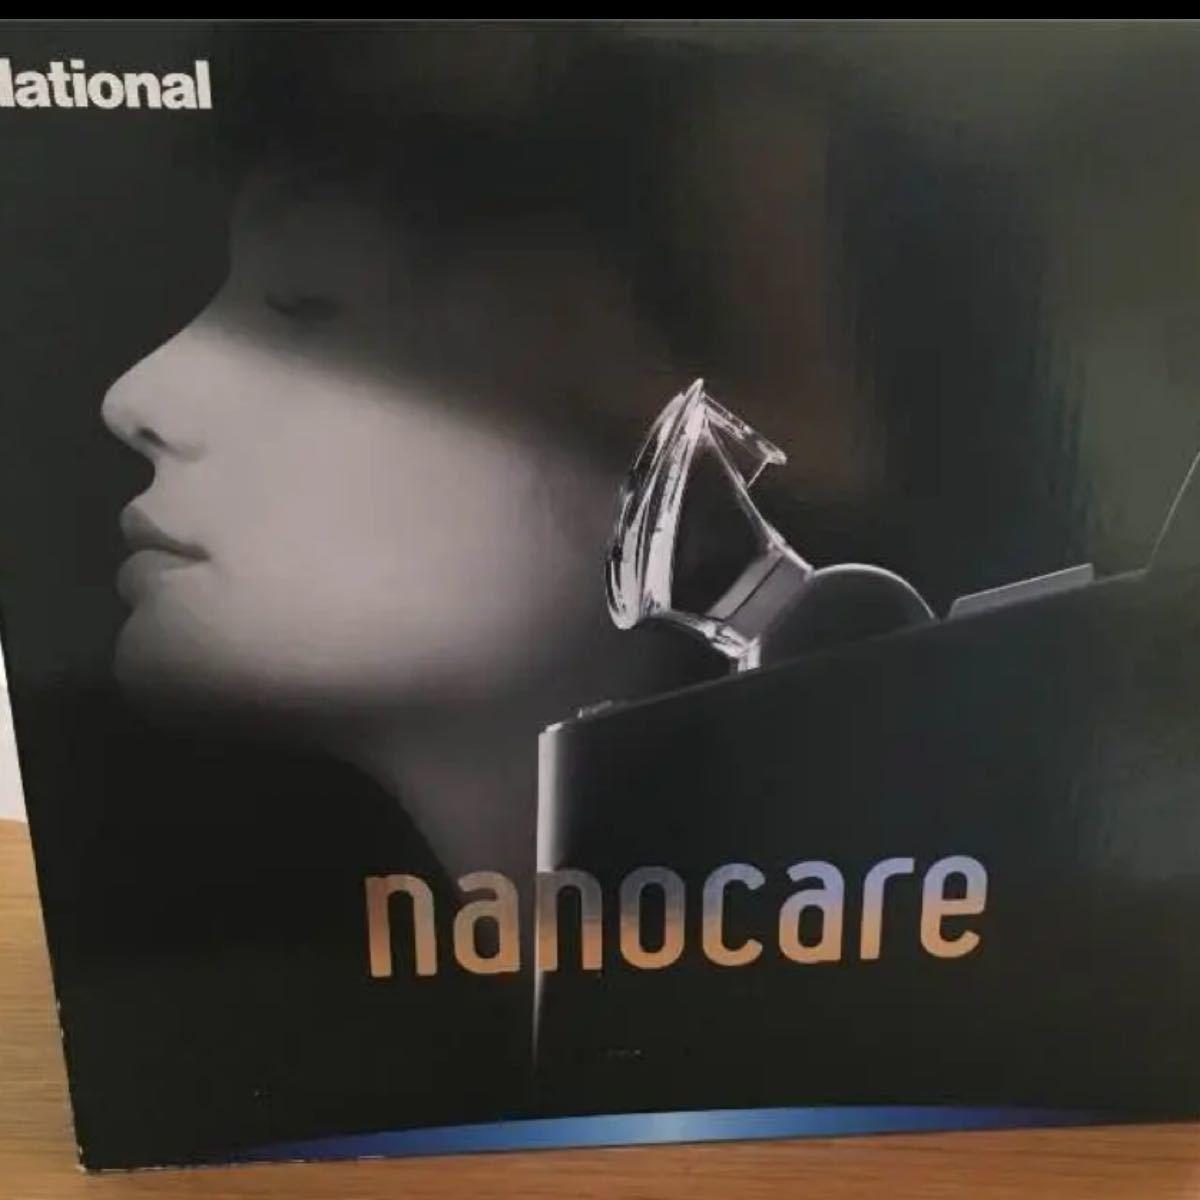 イオンスチーマーナノケア Panasonic national nanocare